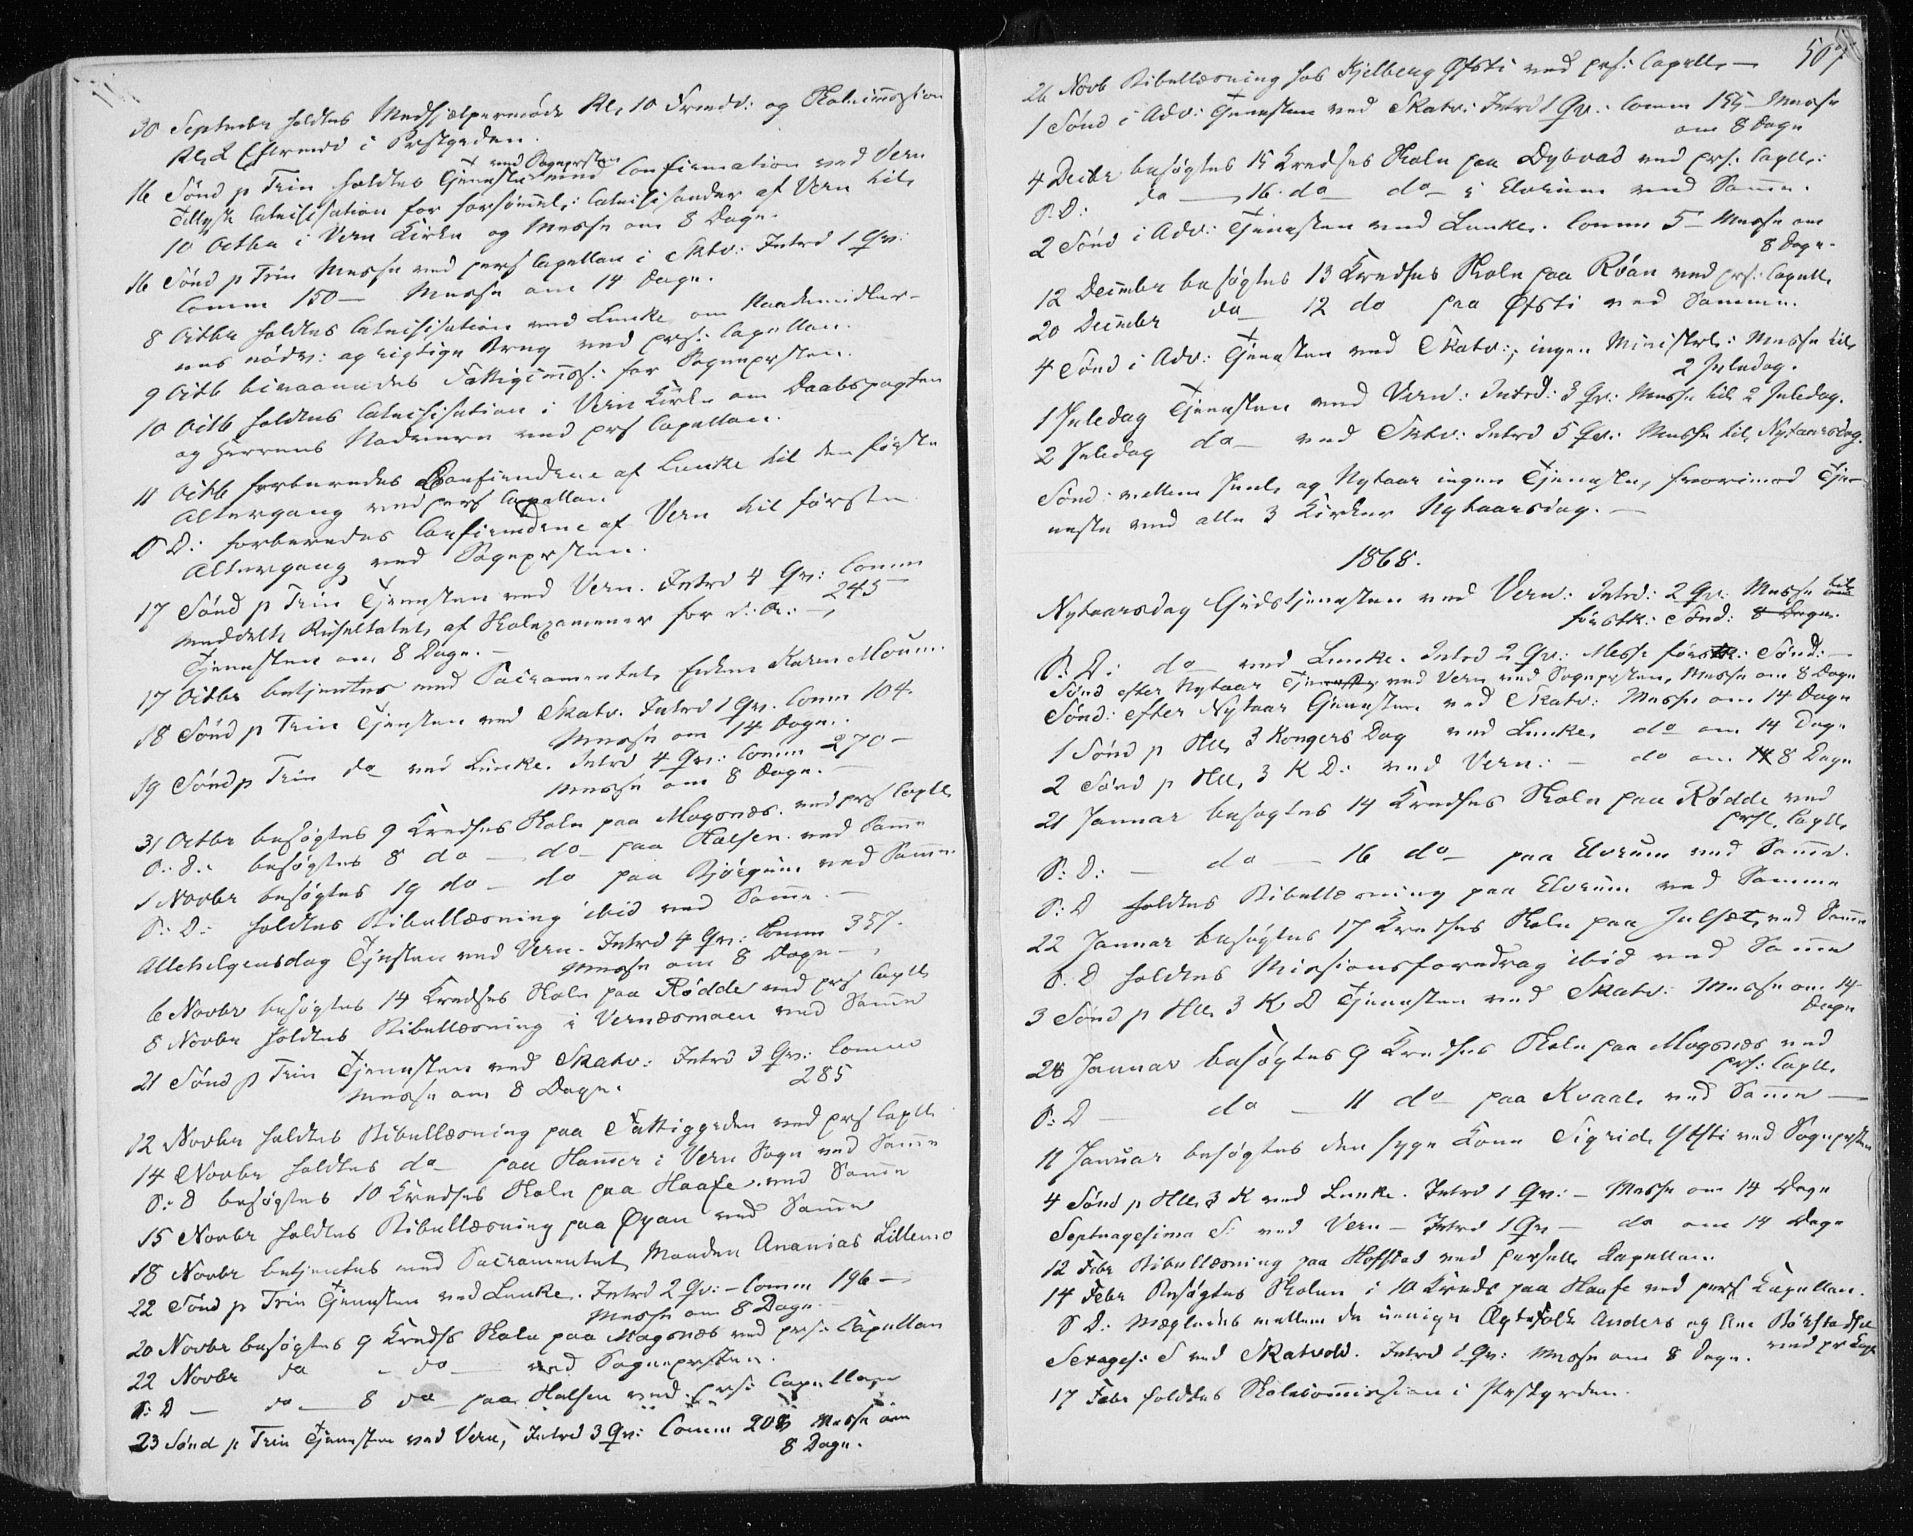 SAT, Ministerialprotokoller, klokkerbøker og fødselsregistre - Nord-Trøndelag, 709/L0075: Ministerialbok nr. 709A15, 1859-1870, s. 507